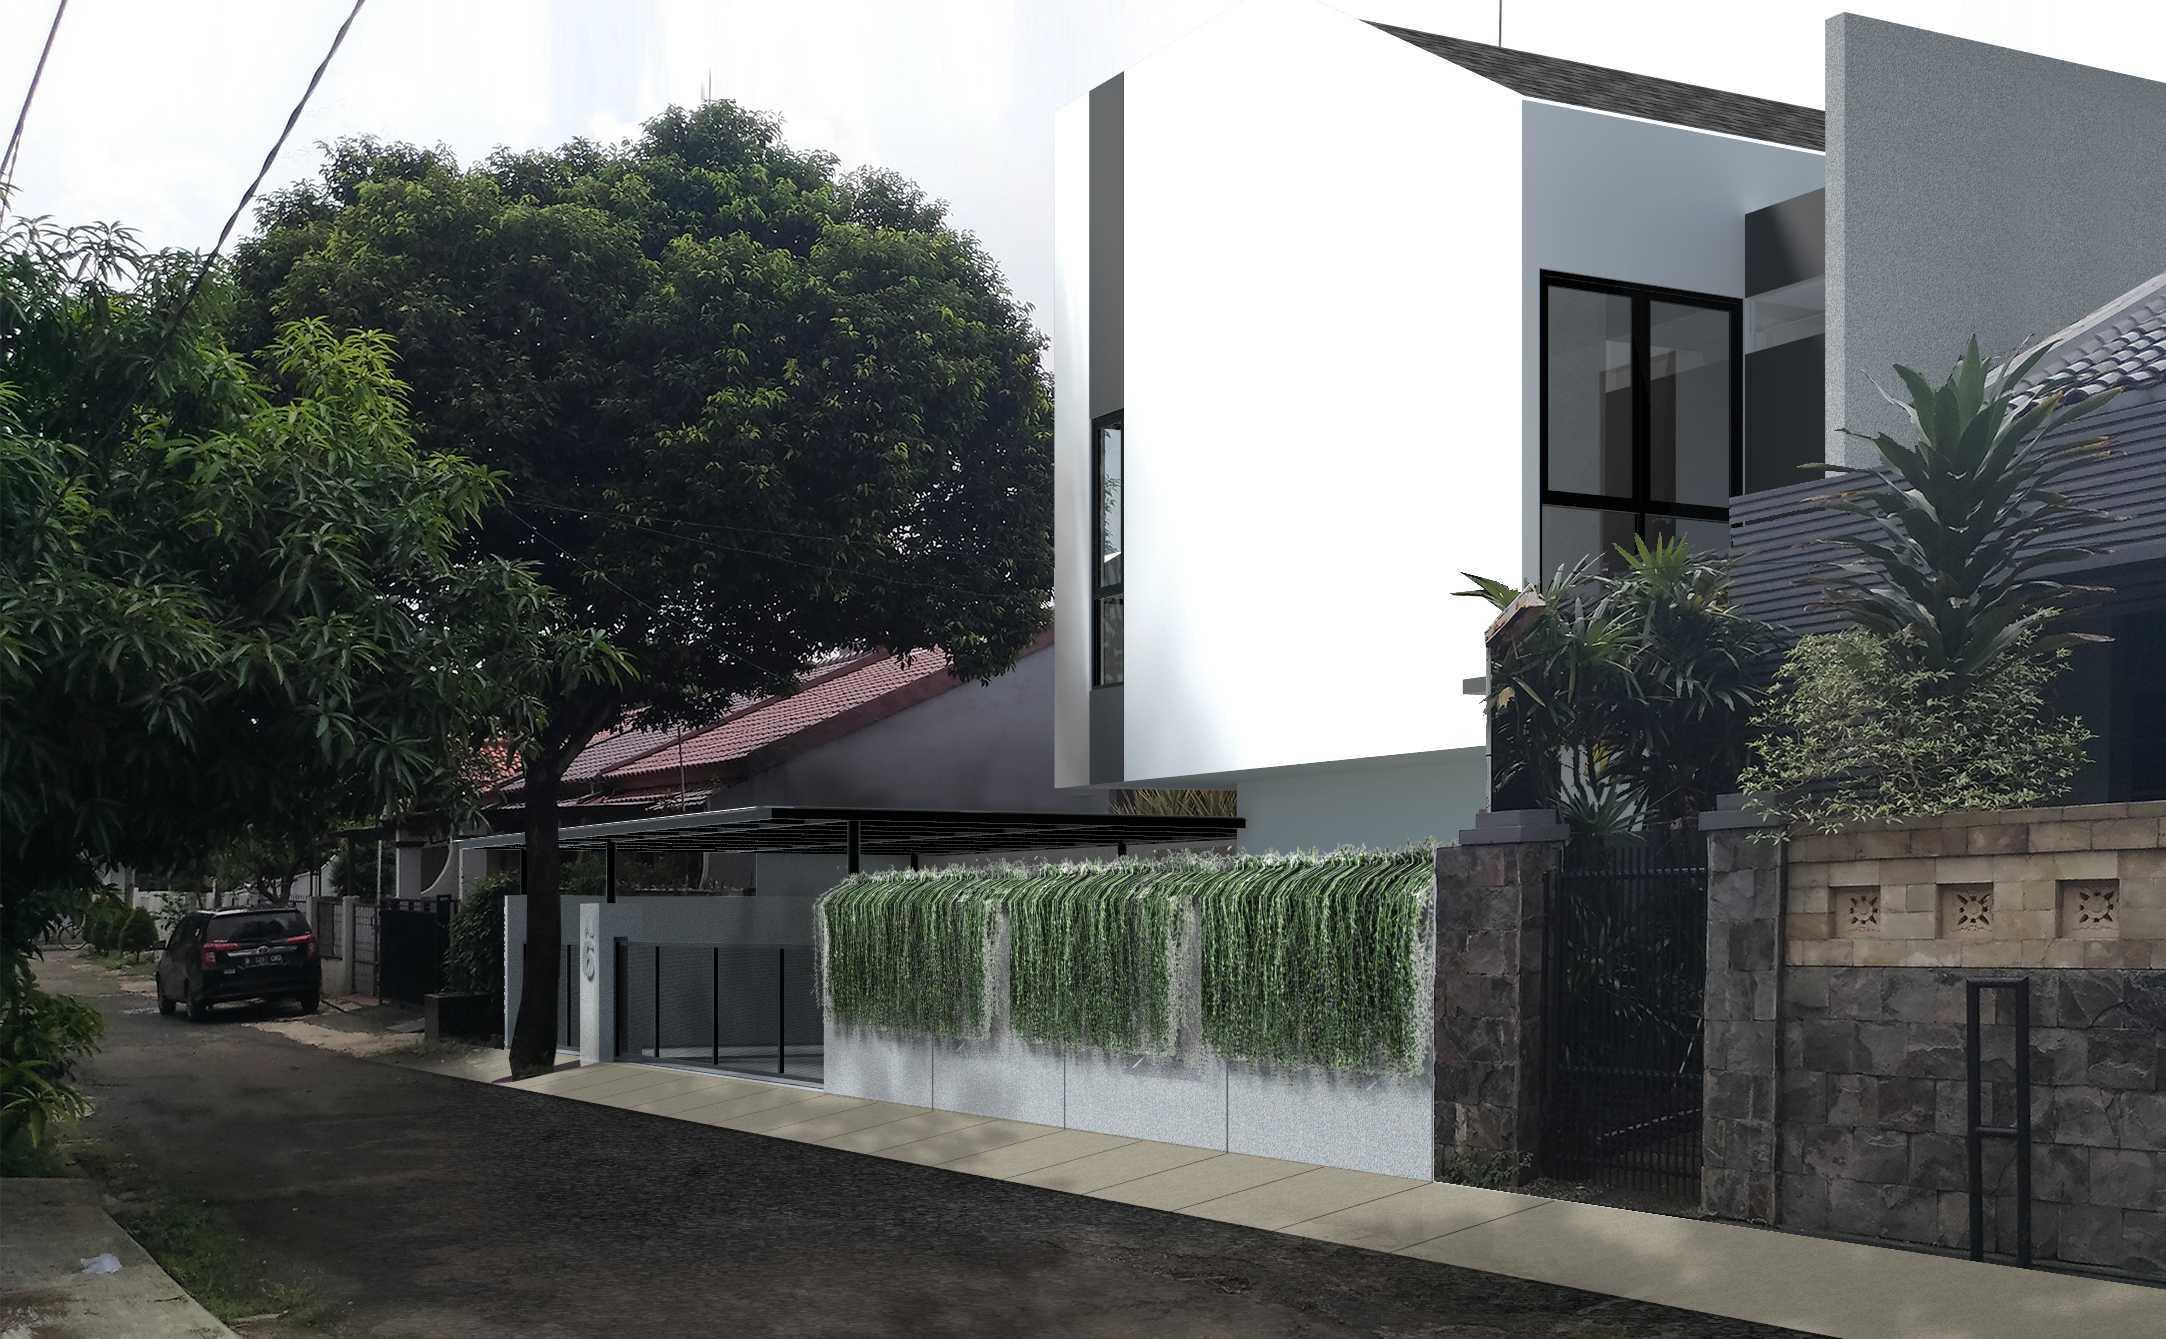 Mahastudio & Partner Renovasi Rumah Beiji Depok City, West Java, Indonesia Depok City, West Java, Indonesia Living Room + Dining Room Tropis  33337